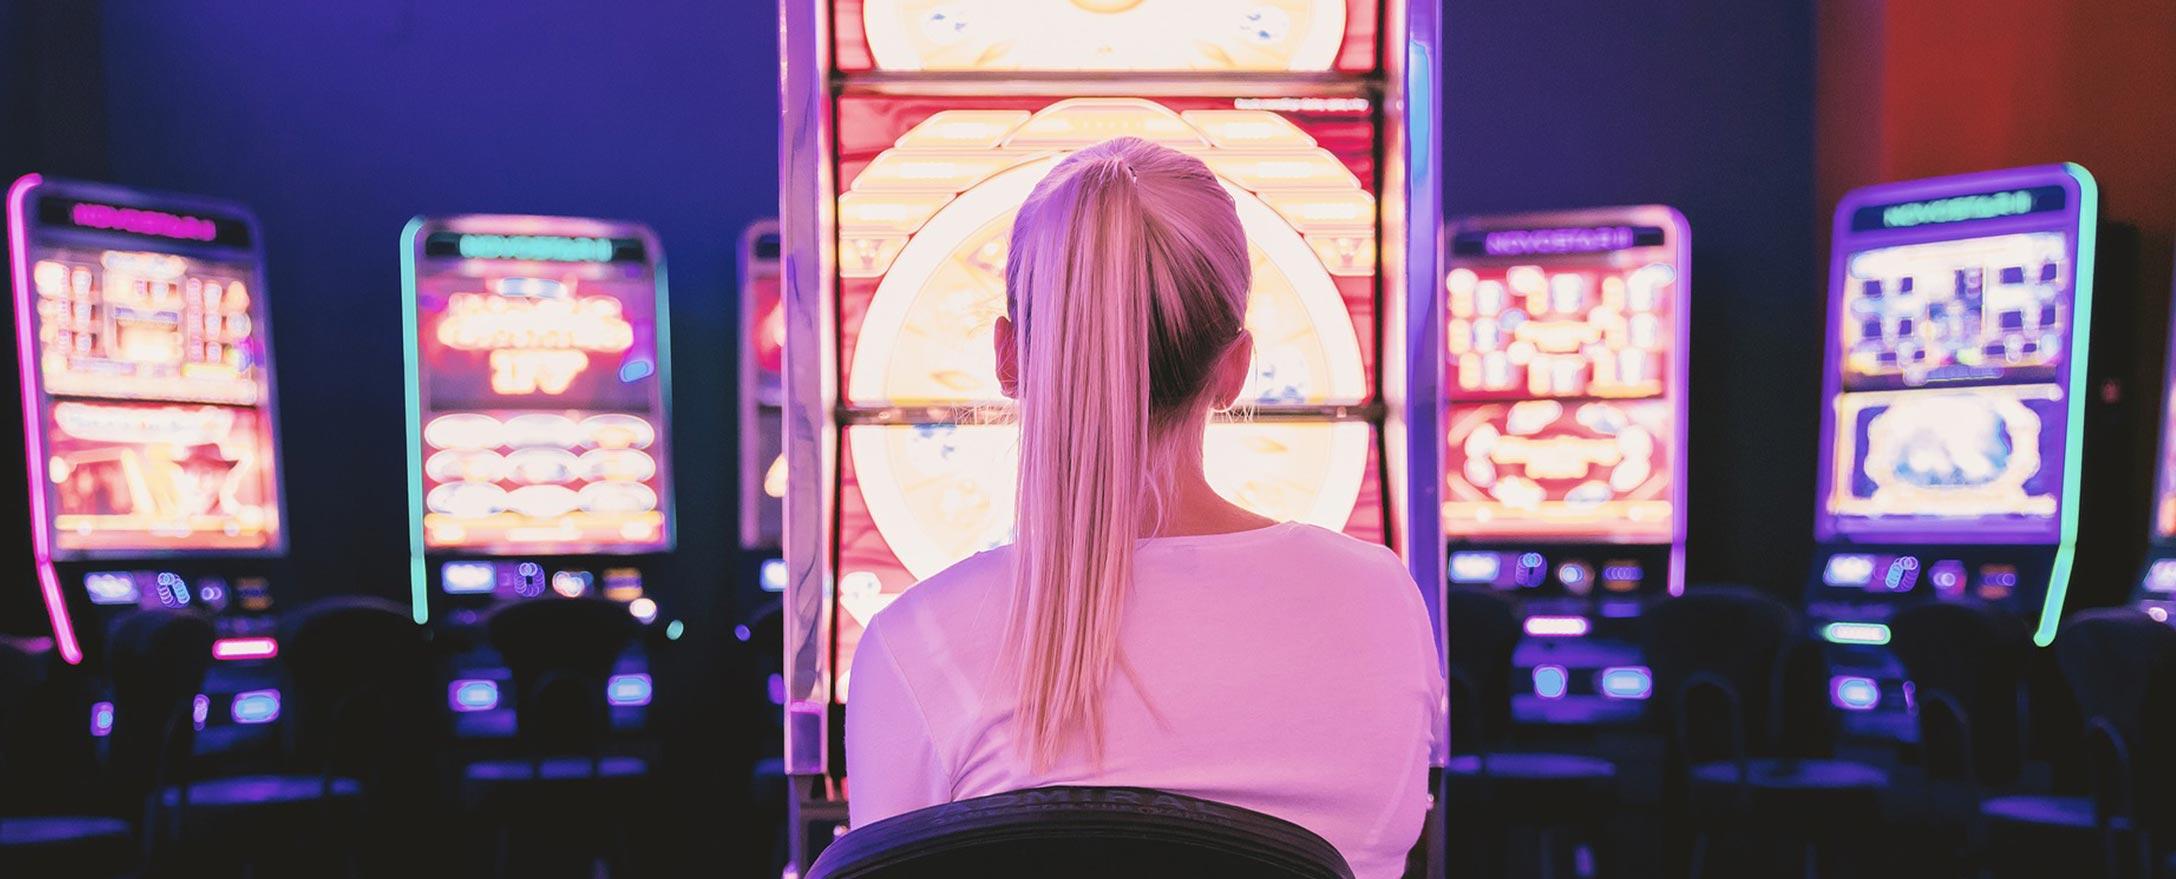 Gambler sitting at slot machine